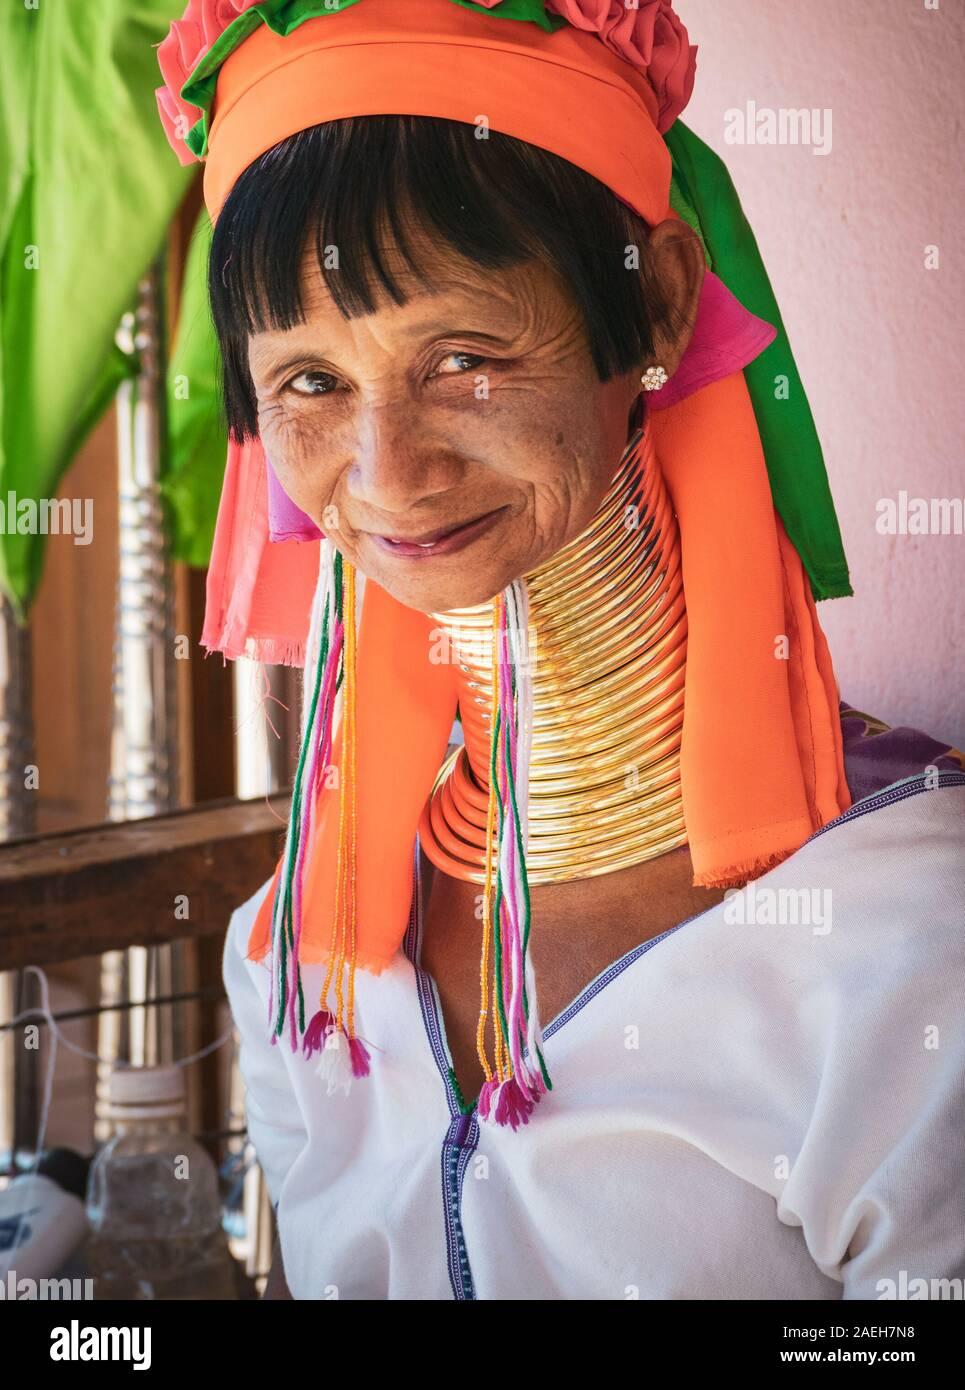 Retrato de una mujer de la tribu eldery Kayan vistiendo ropa tradicional y latón cuellos en Pan, aldea de Pet de Loikaw, Myanmar. Foto de stock